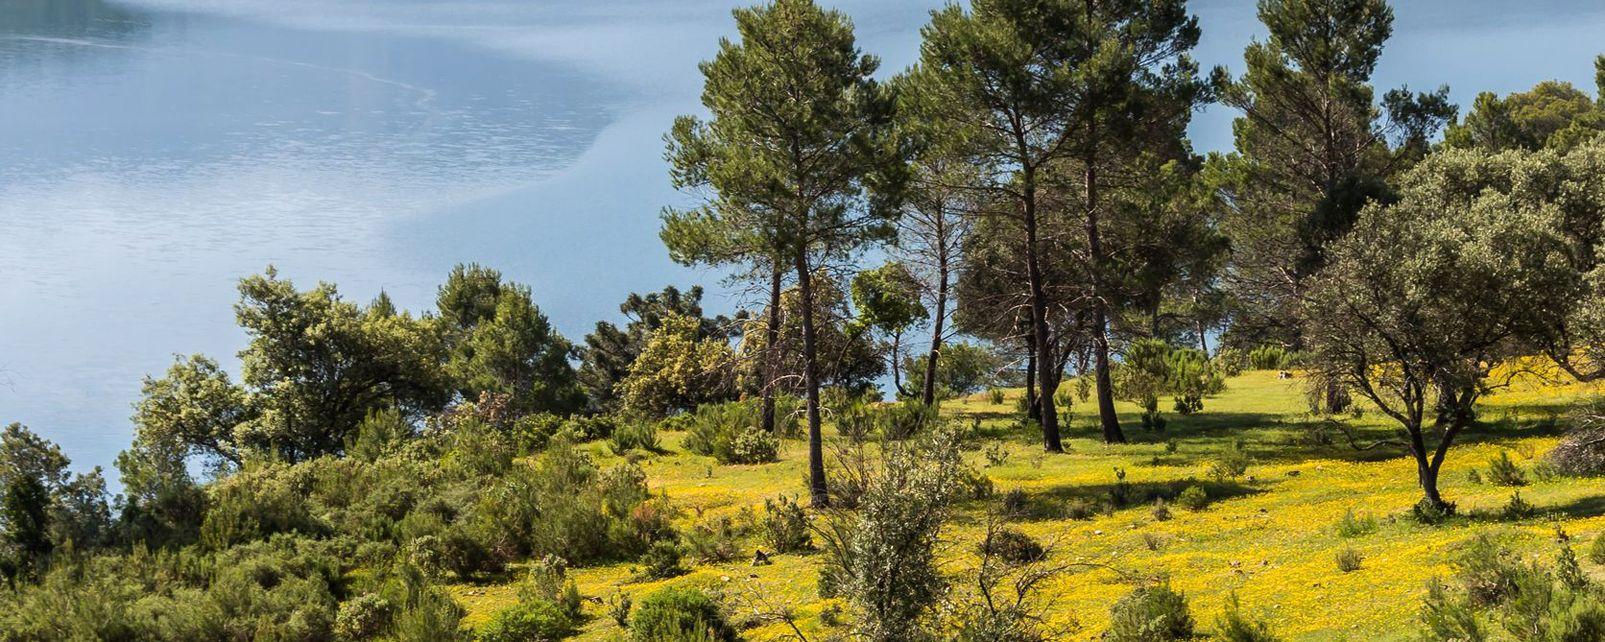 Sierras de Cazorla, Segura et Las Villas, Les paysages, Andalousie